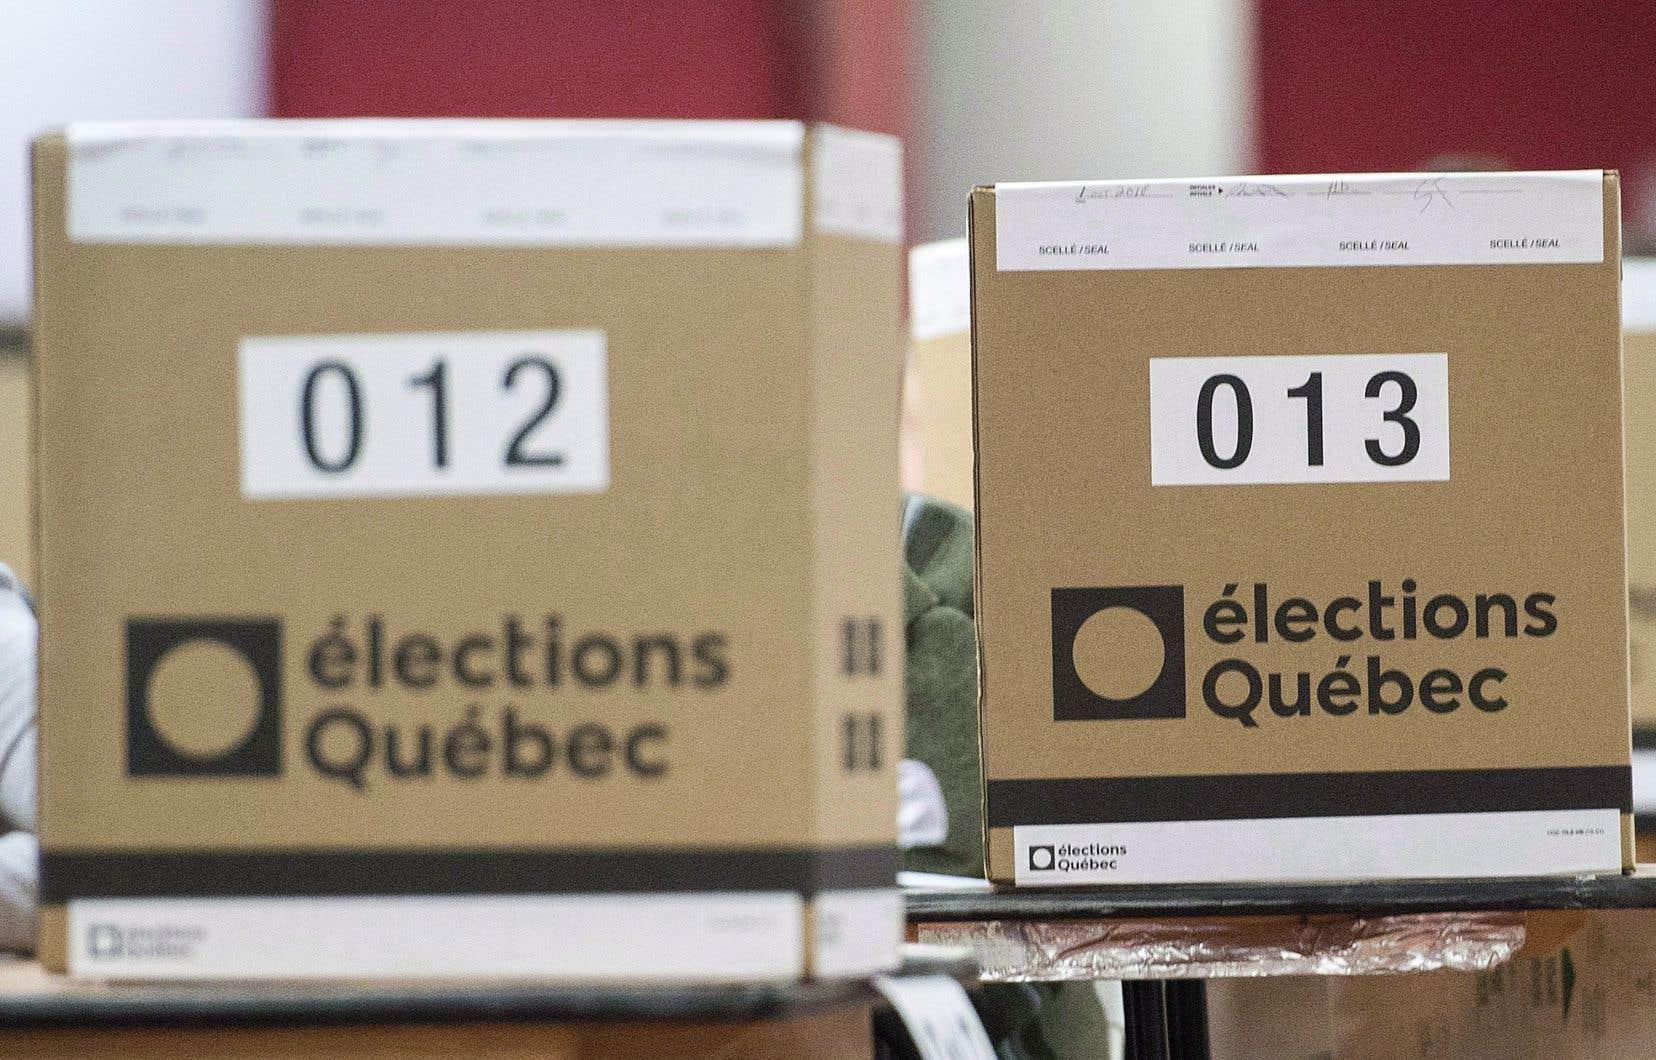 Pour l'ensemble du Québec, la CAQ maintient donc son score de 74 députés, et le PQ plafonne à 10 députés.